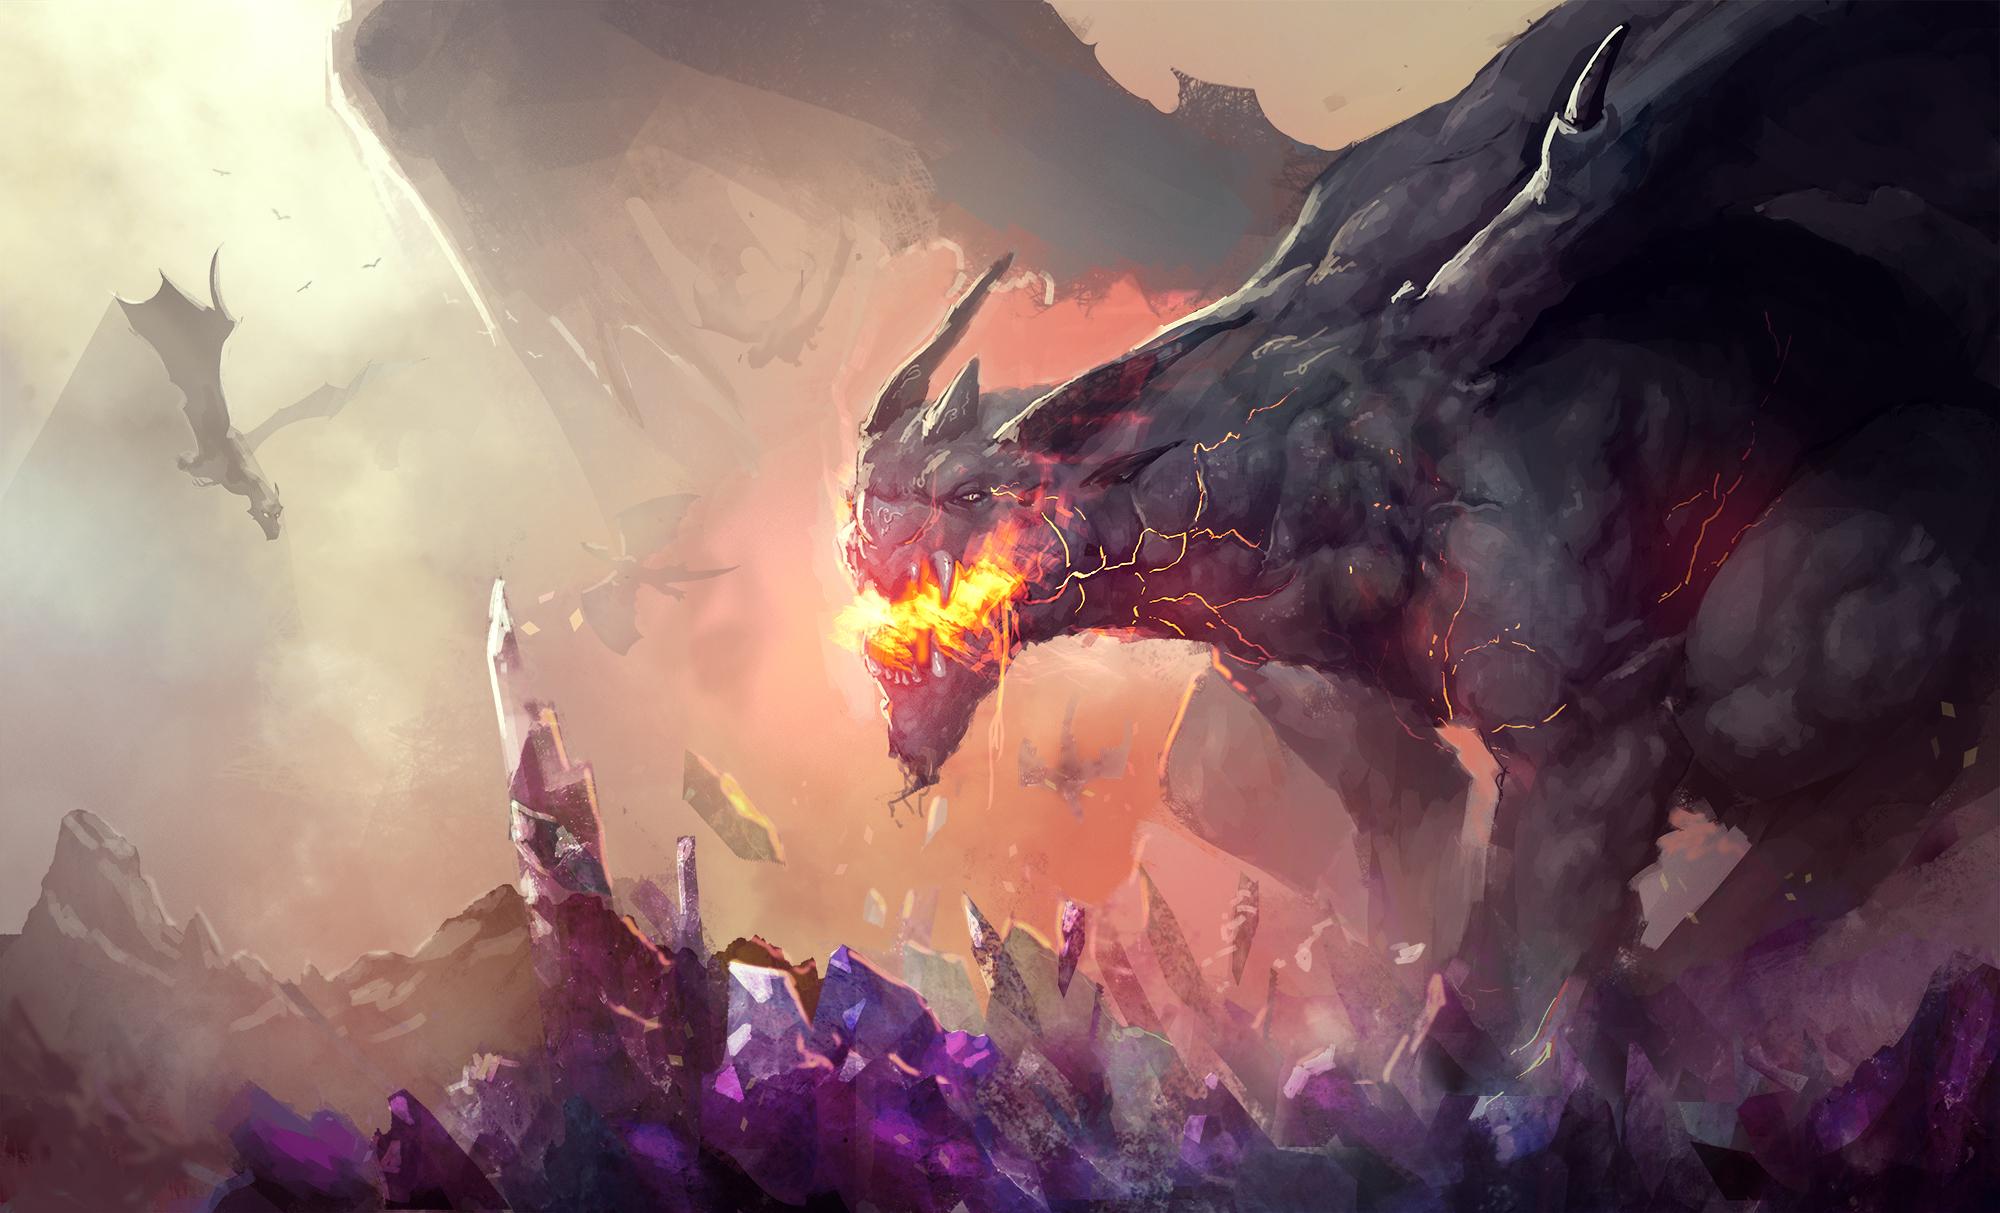 Crystal Dragon 2000x1213